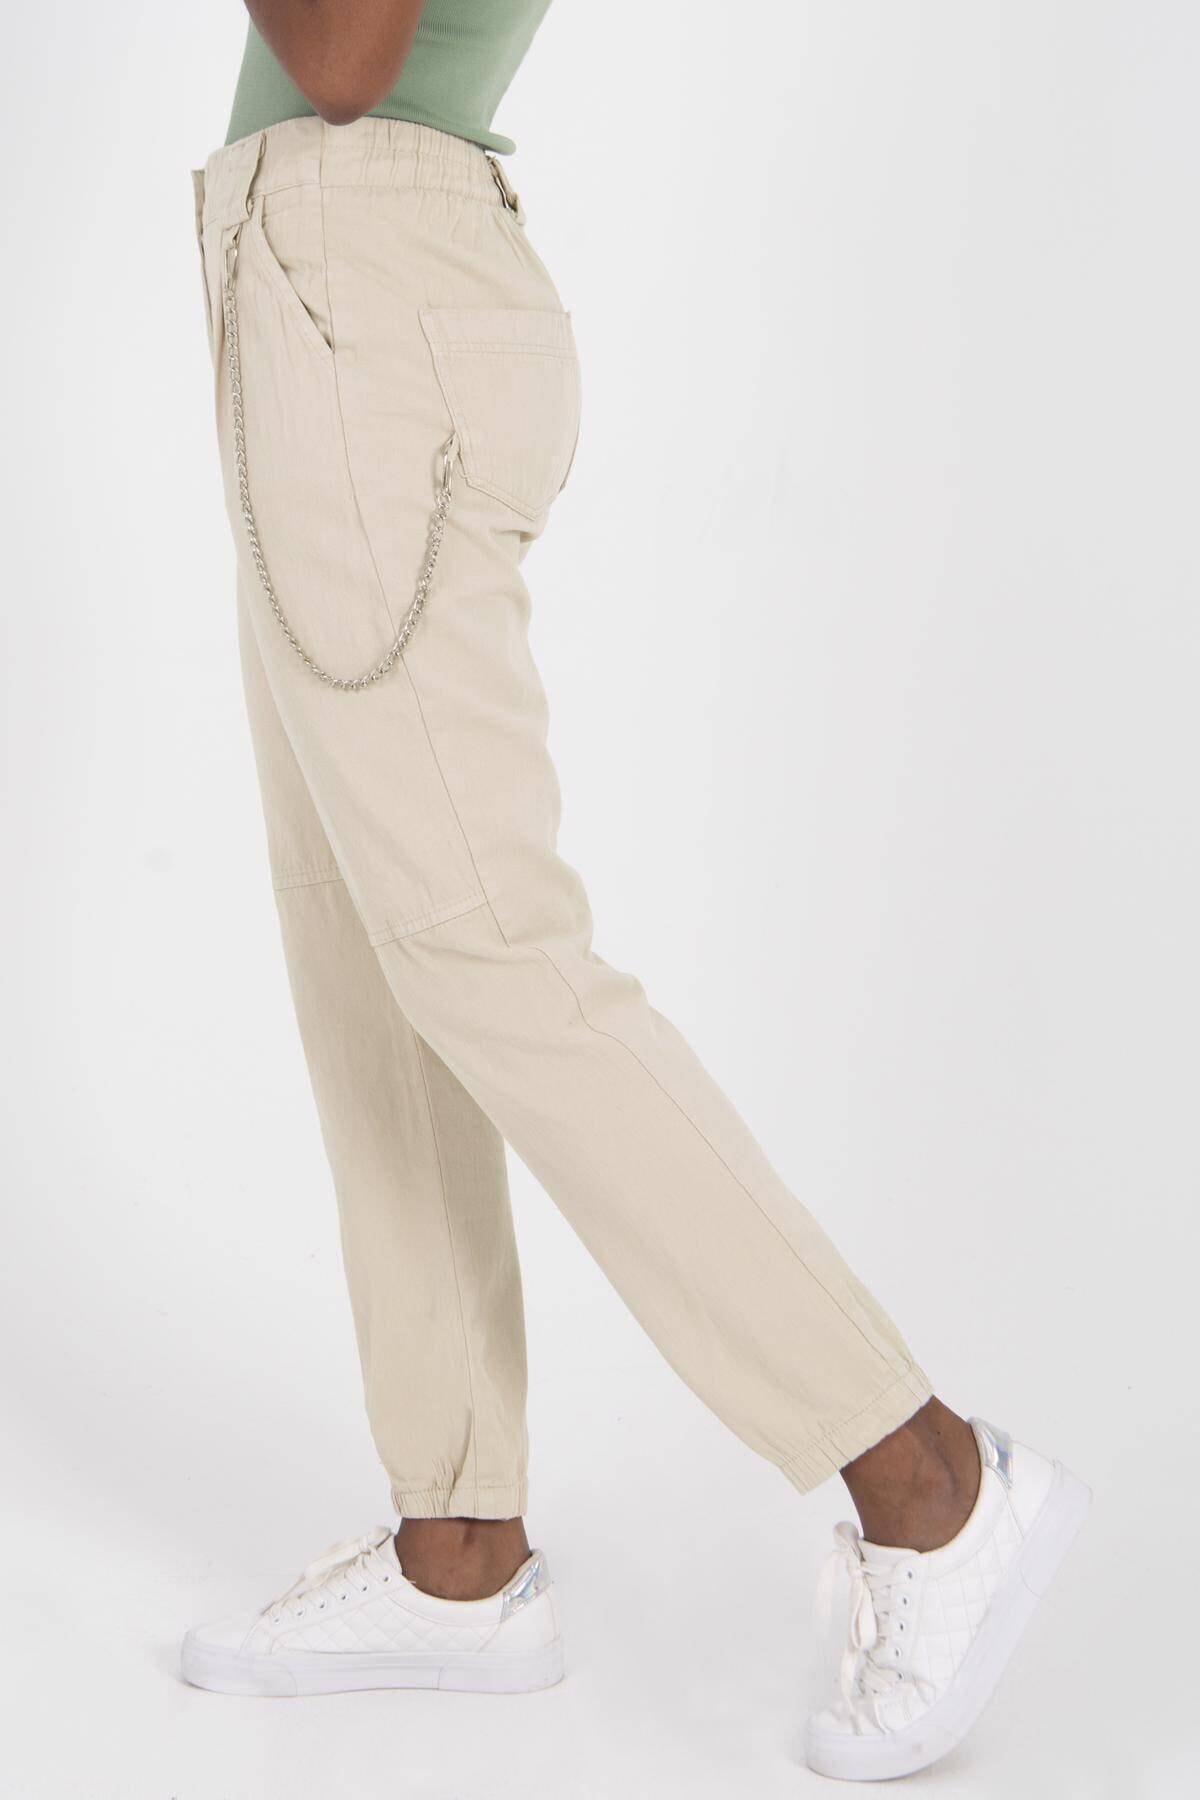 Addax Zincir Detaylı Pantolon Pn3974 - Pnr 2